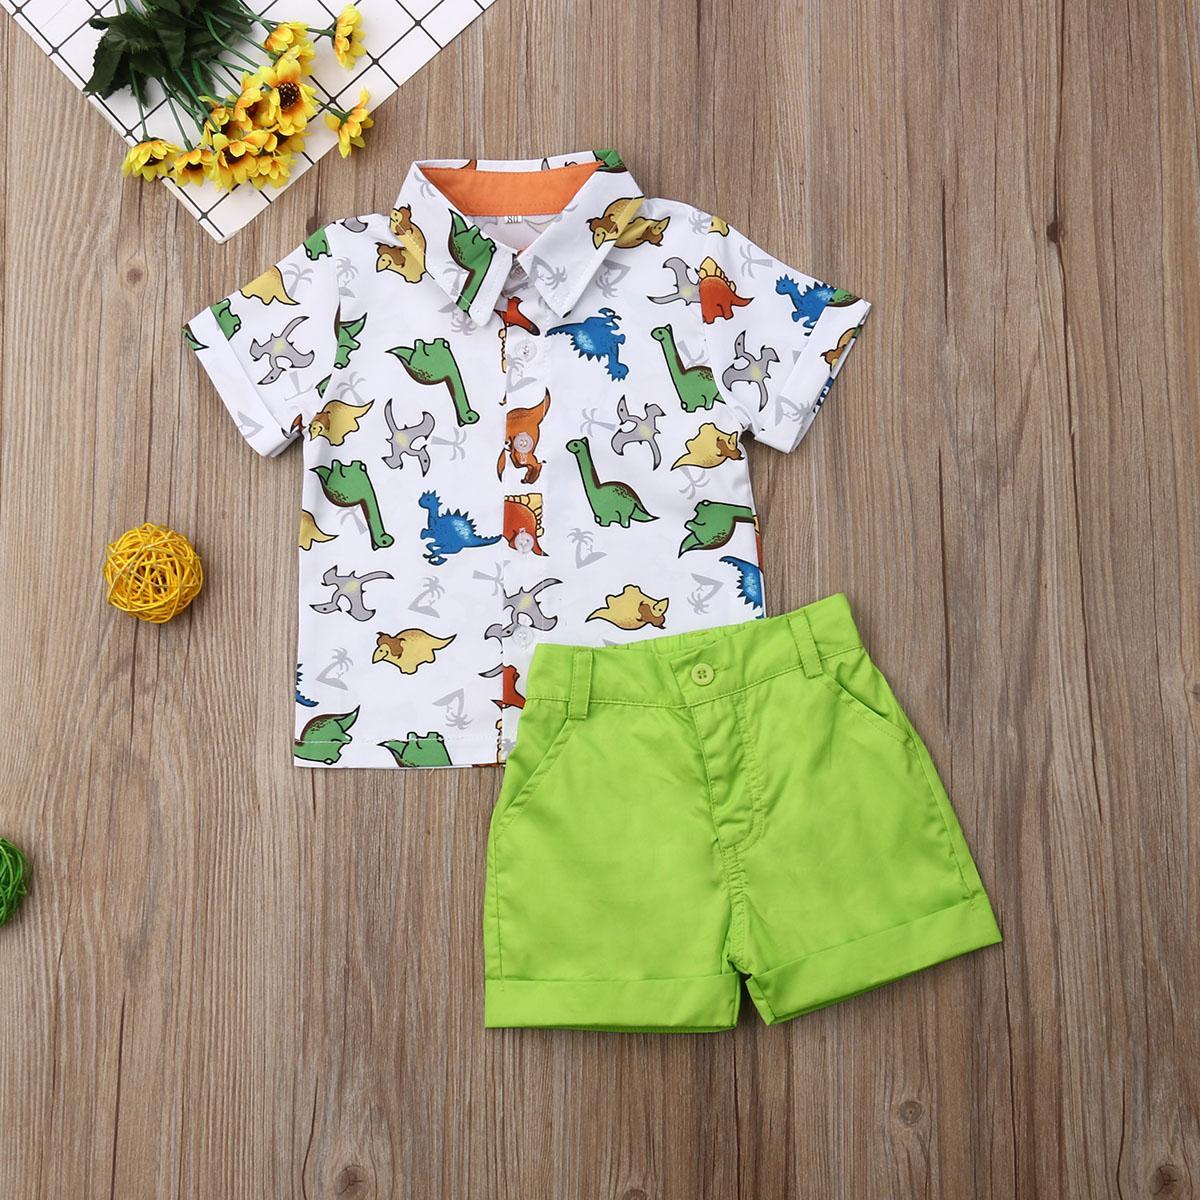 Verano del niño del bebé de la ropa de múltiples dinosaurio Imprimir tapas de la camisa de los pantalones cortos equipos ocasionales ropa de verano